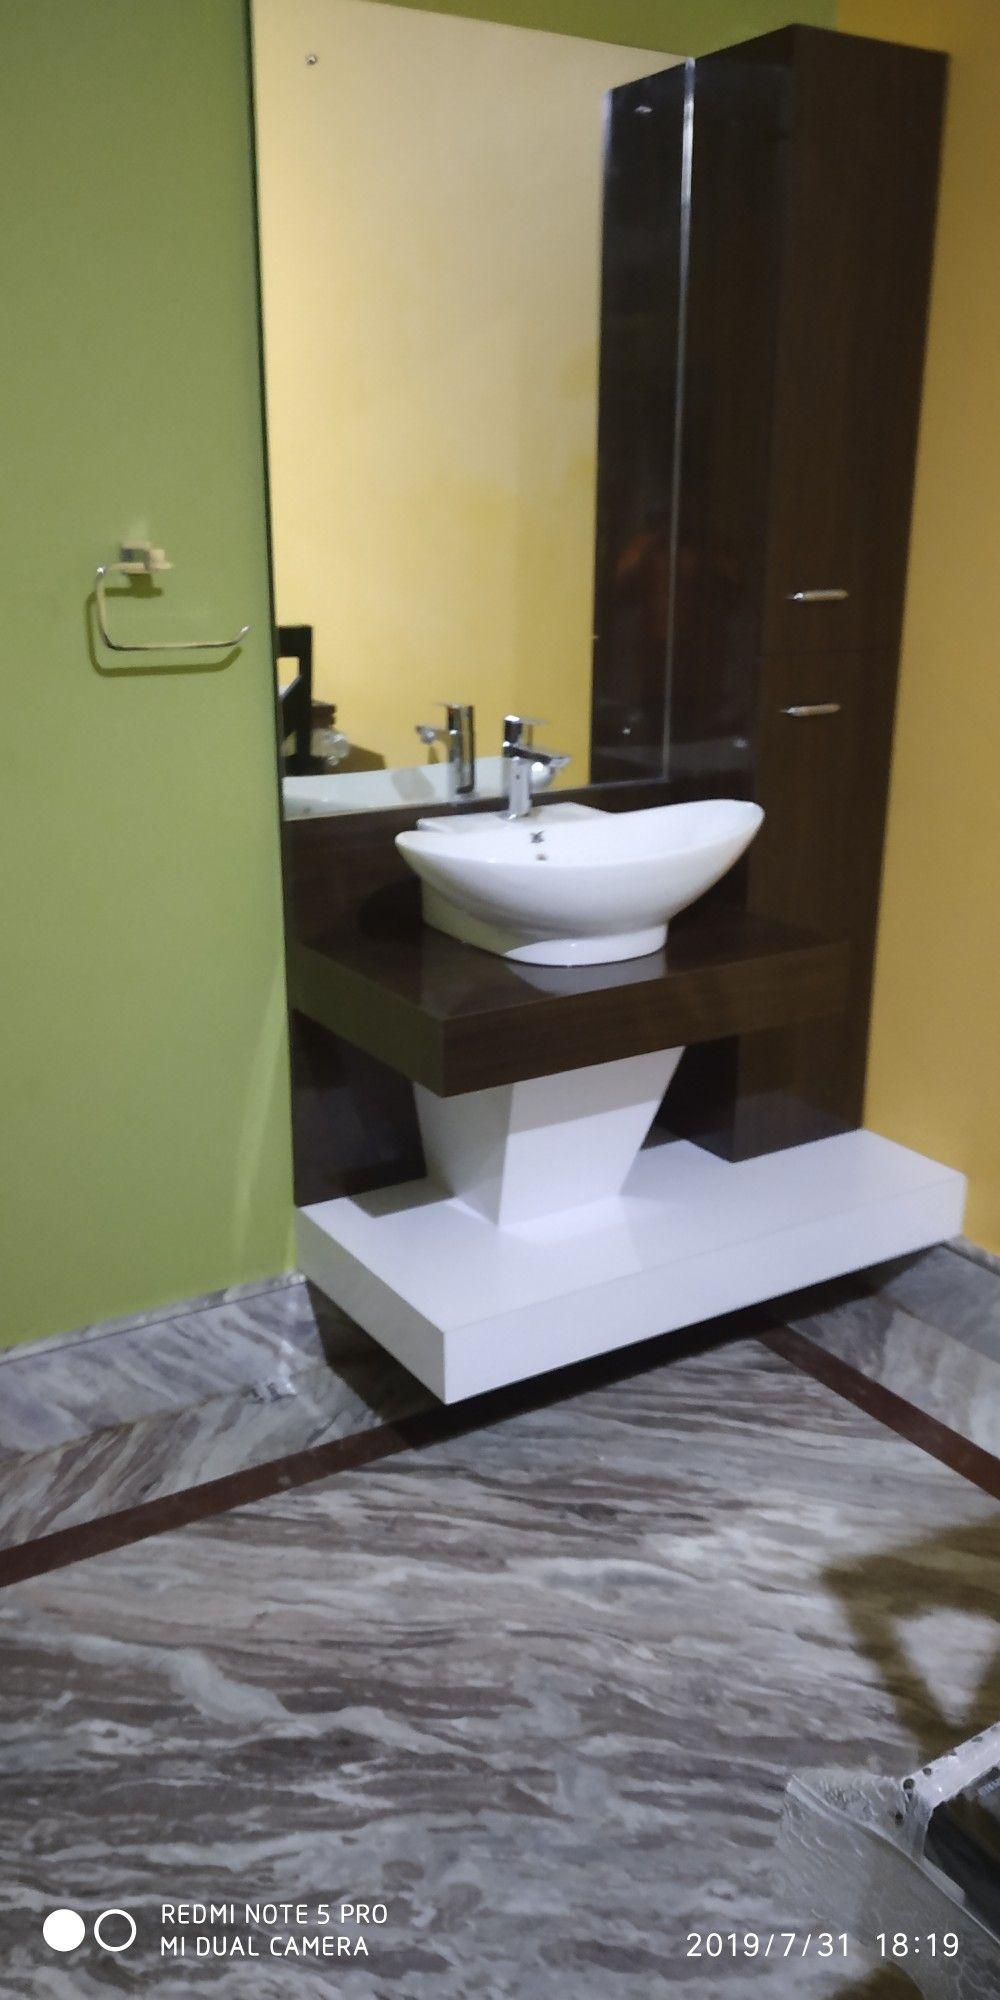 Dining hall wash basin with cabinet | Wash basin, Basin ...